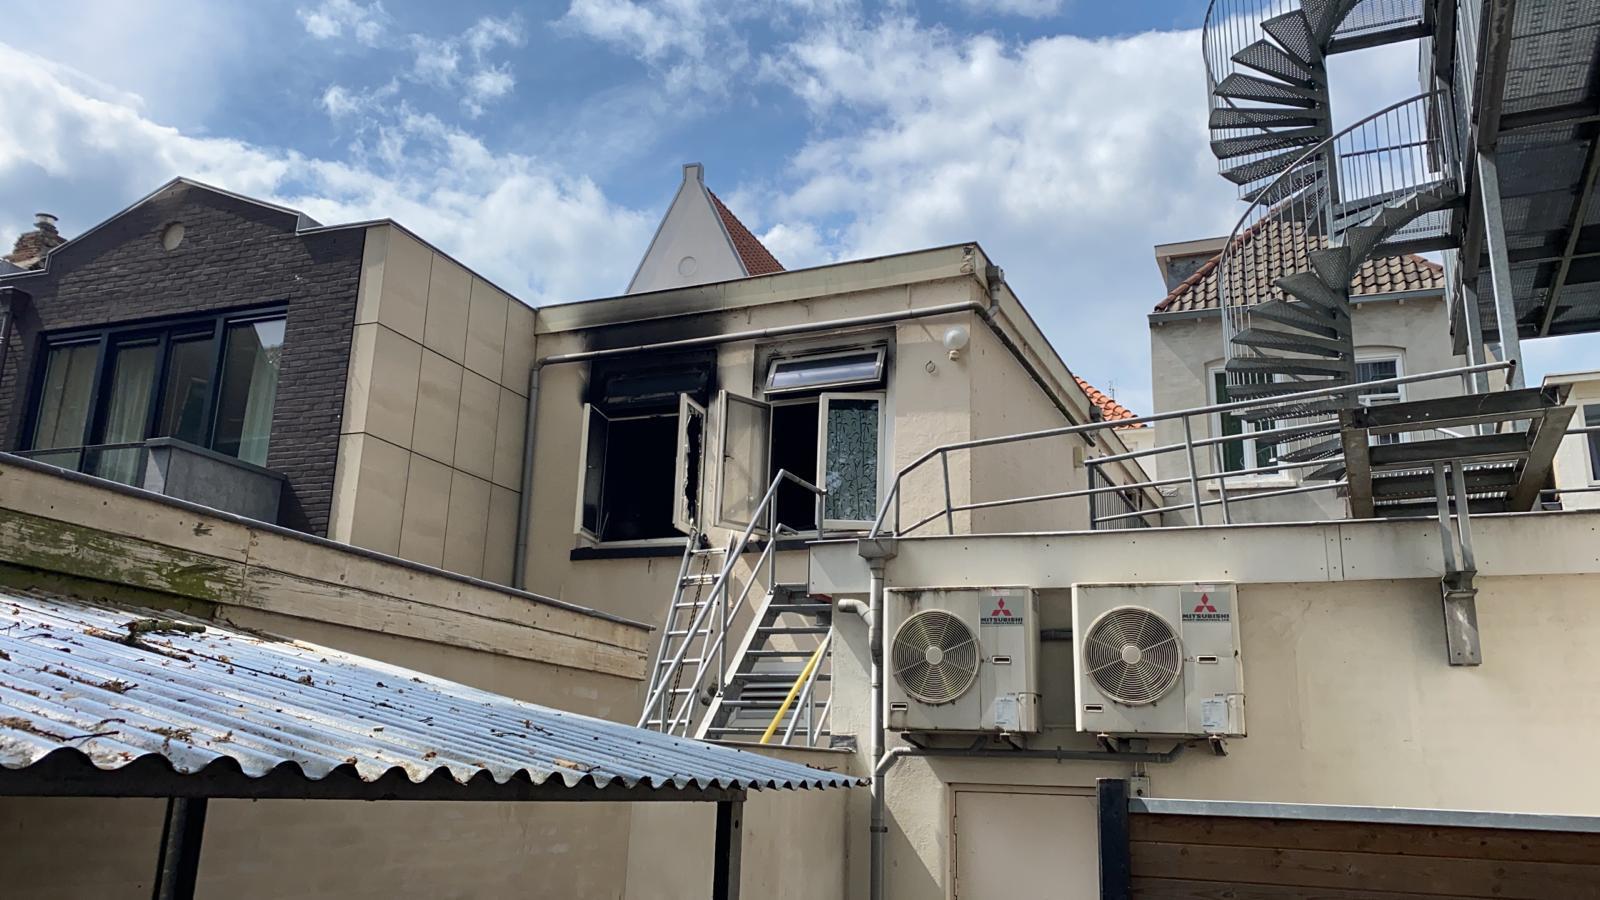 """De brand deze maand aan de Treurnietsgang in een woning in het centrum van Deventer. De bewoners bleken uiteindelijk niet thuis. Buren Luuk en Esther hebben sindsdien een touwladder hangen. ,,Het kan ook bij ons gebeuren."""""""